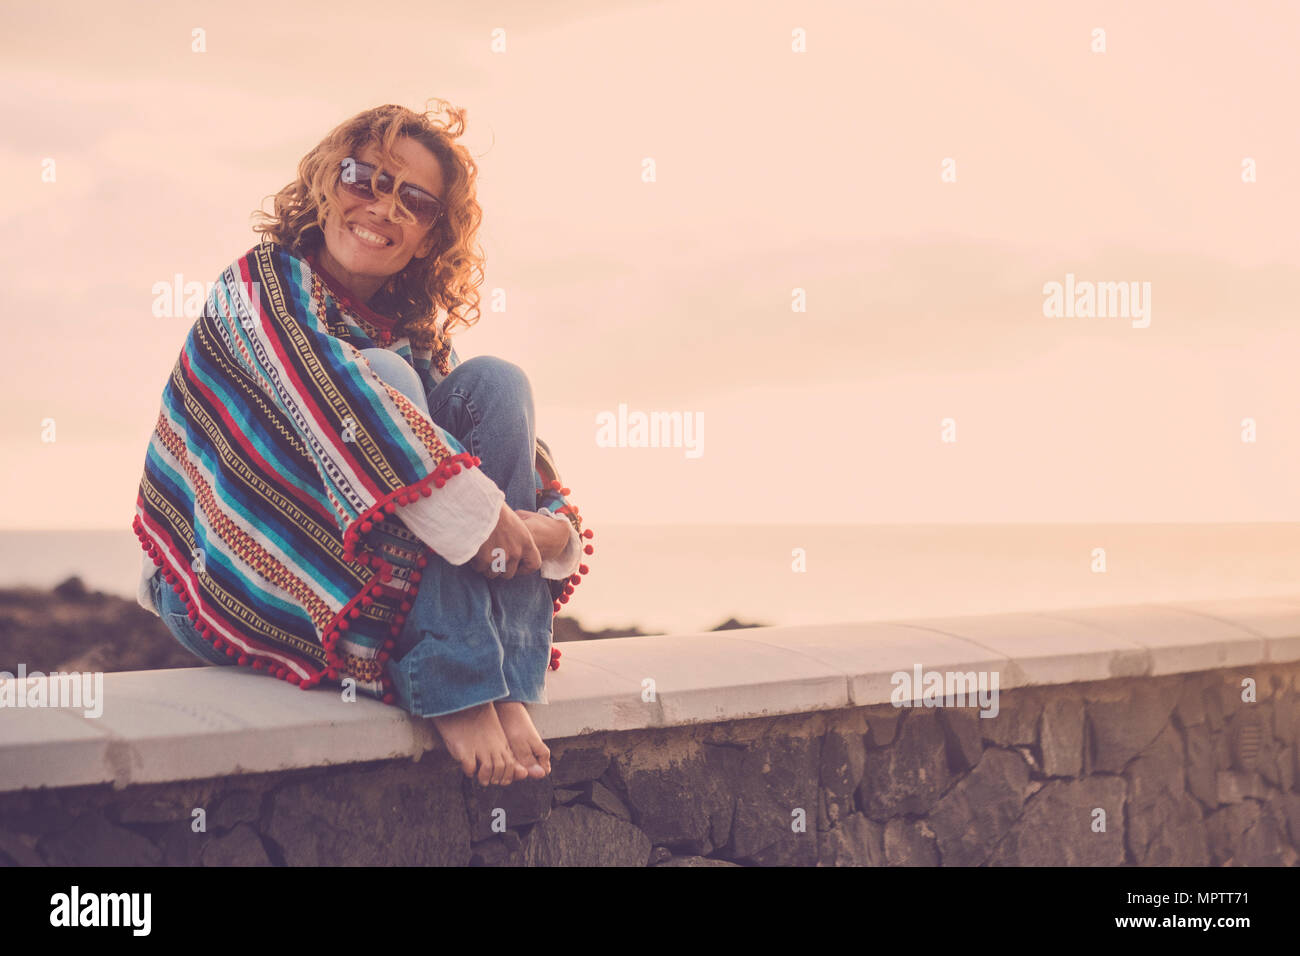 Schöne nette Dame mit Swirl Haar lächelte sie, während Sie in der Nähe des Ozeans sitzen. Poncho und hippy Kleidung Freiheit Konzept darzustellen. Ferienhäuser sty Stockbild